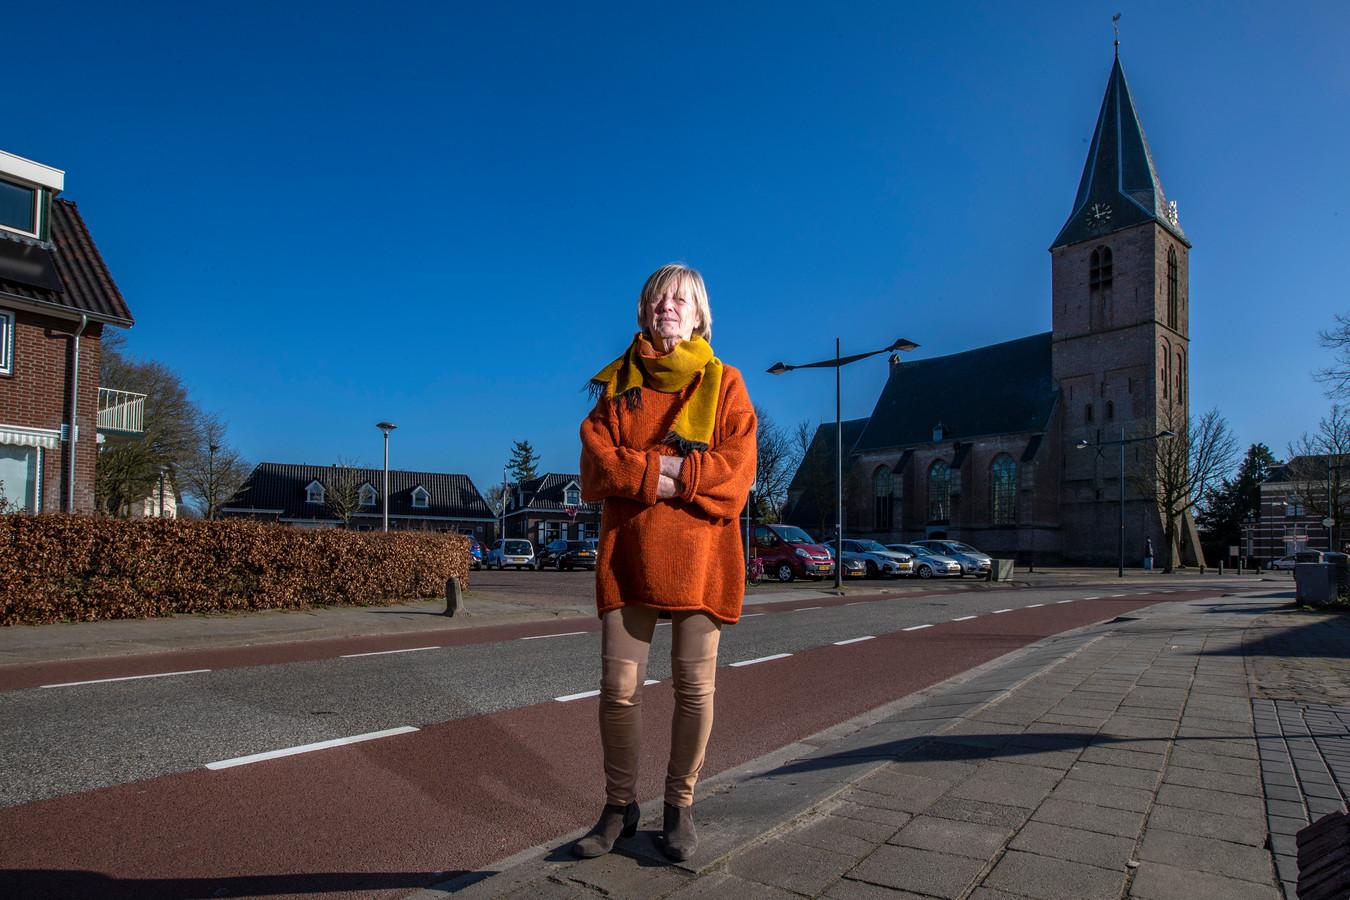 Als het aan Gerry Herbst ligt, is de saaie omgeving van de Dorpskerk in Olst over een paar jaar een groene ontmoetingsplek.